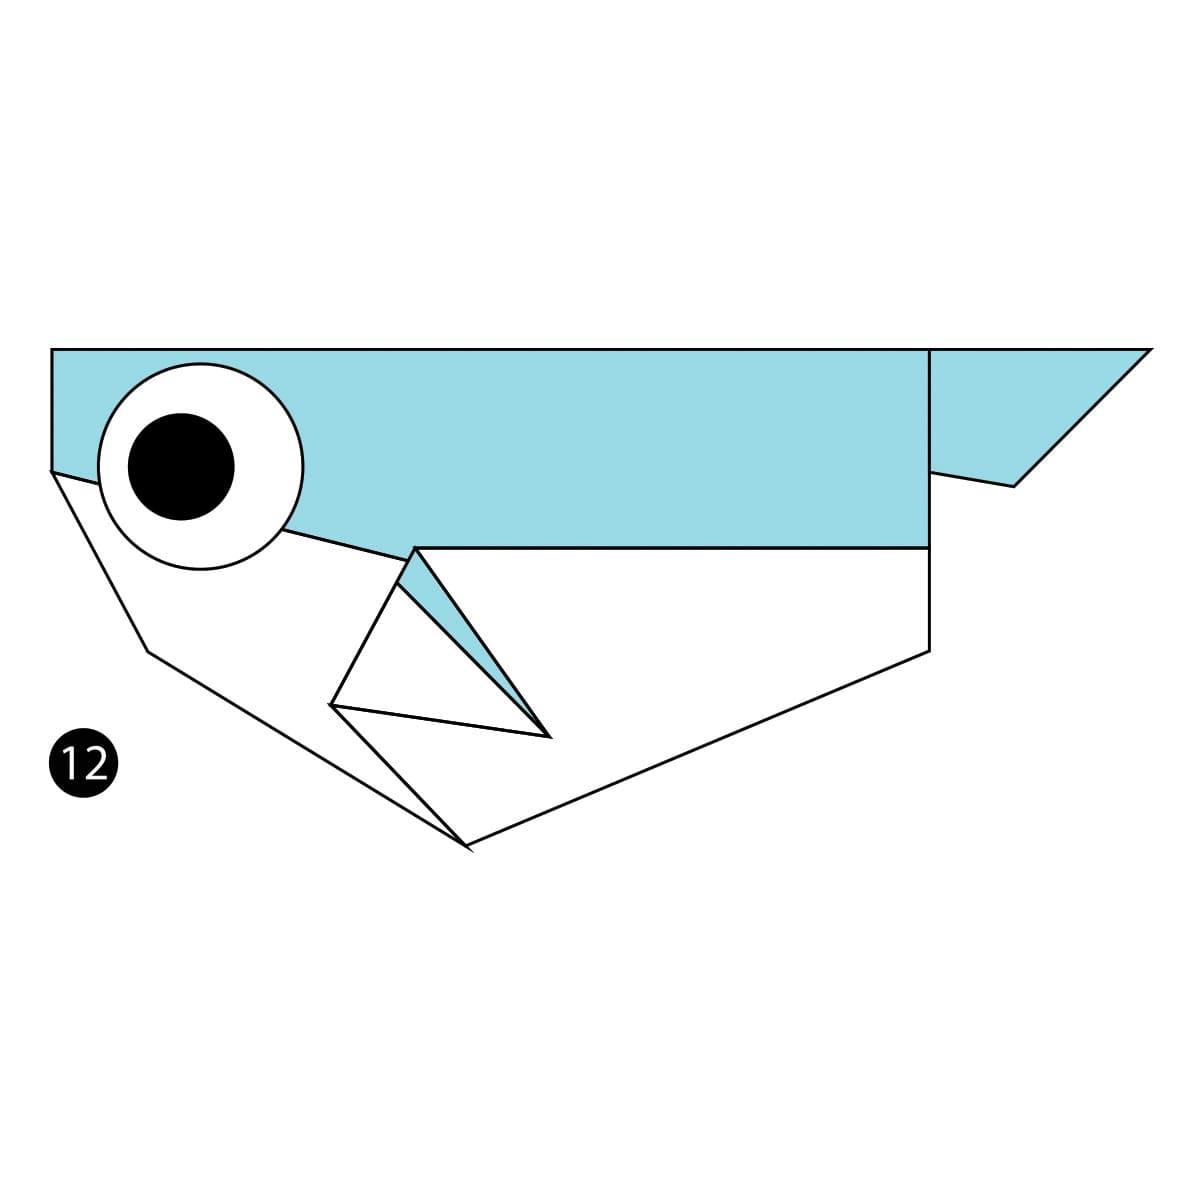 Blowfish Step 12